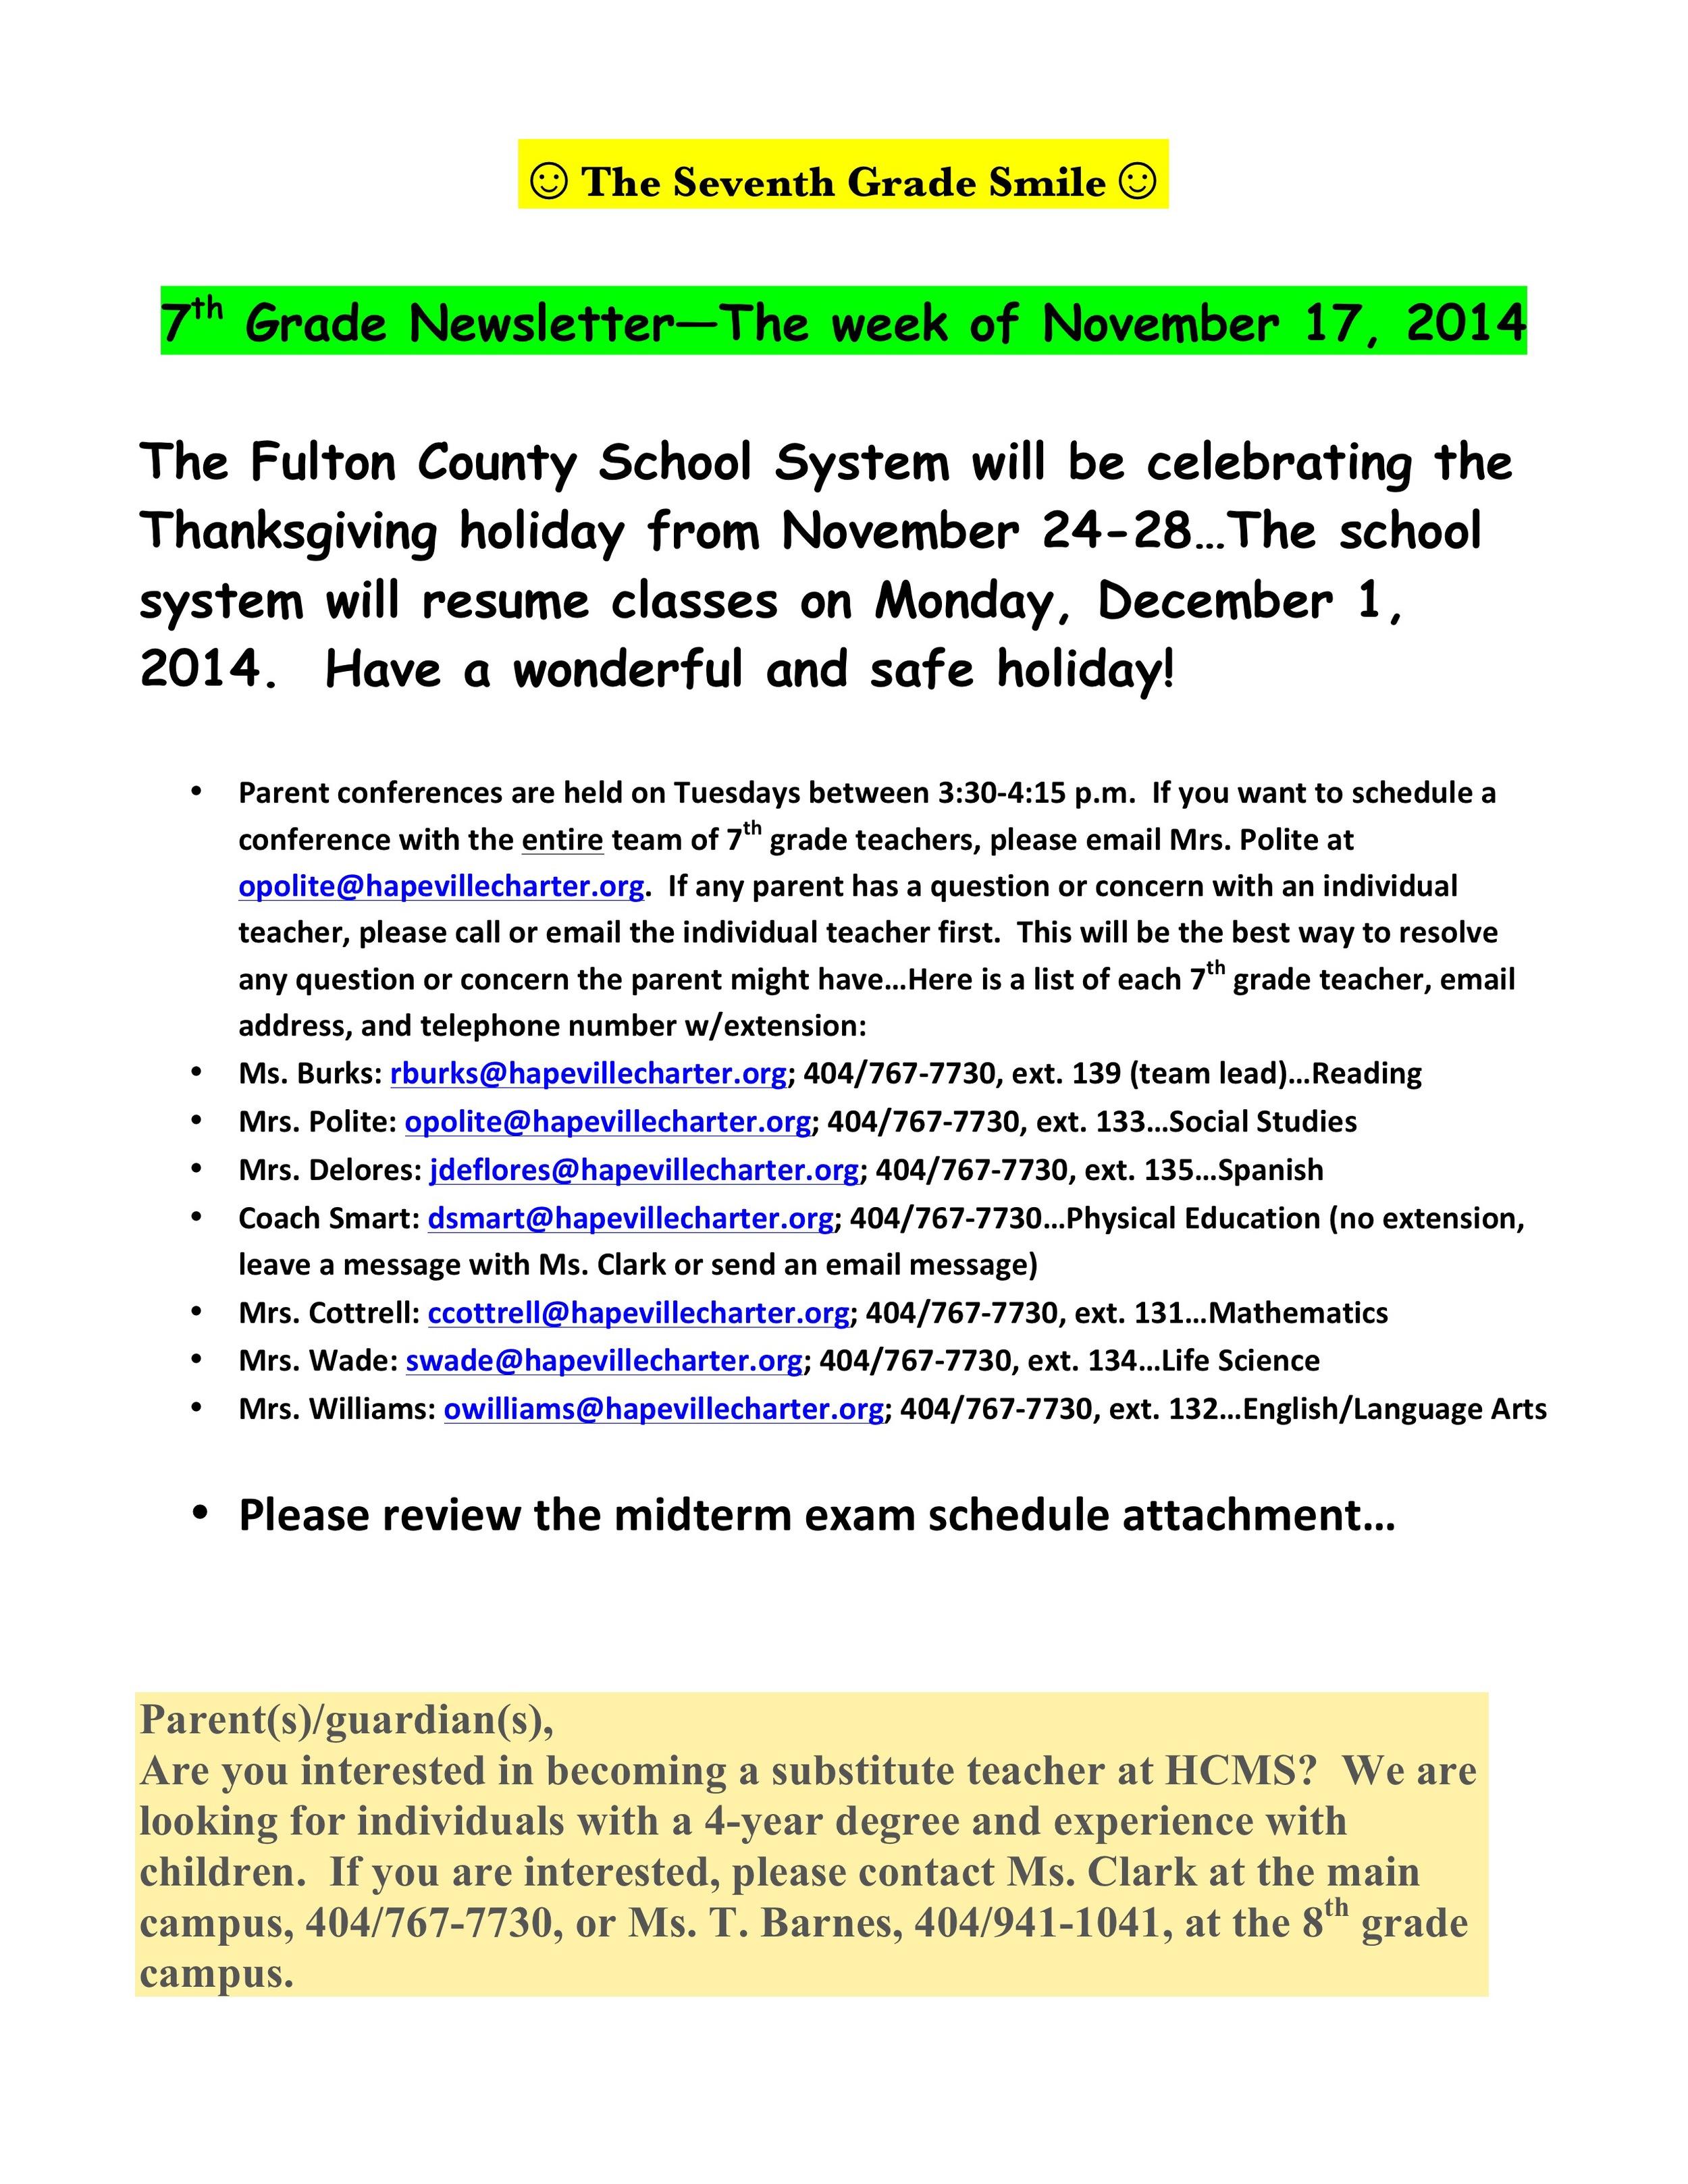 Newsletter Image7th grade November 17th.jpeg